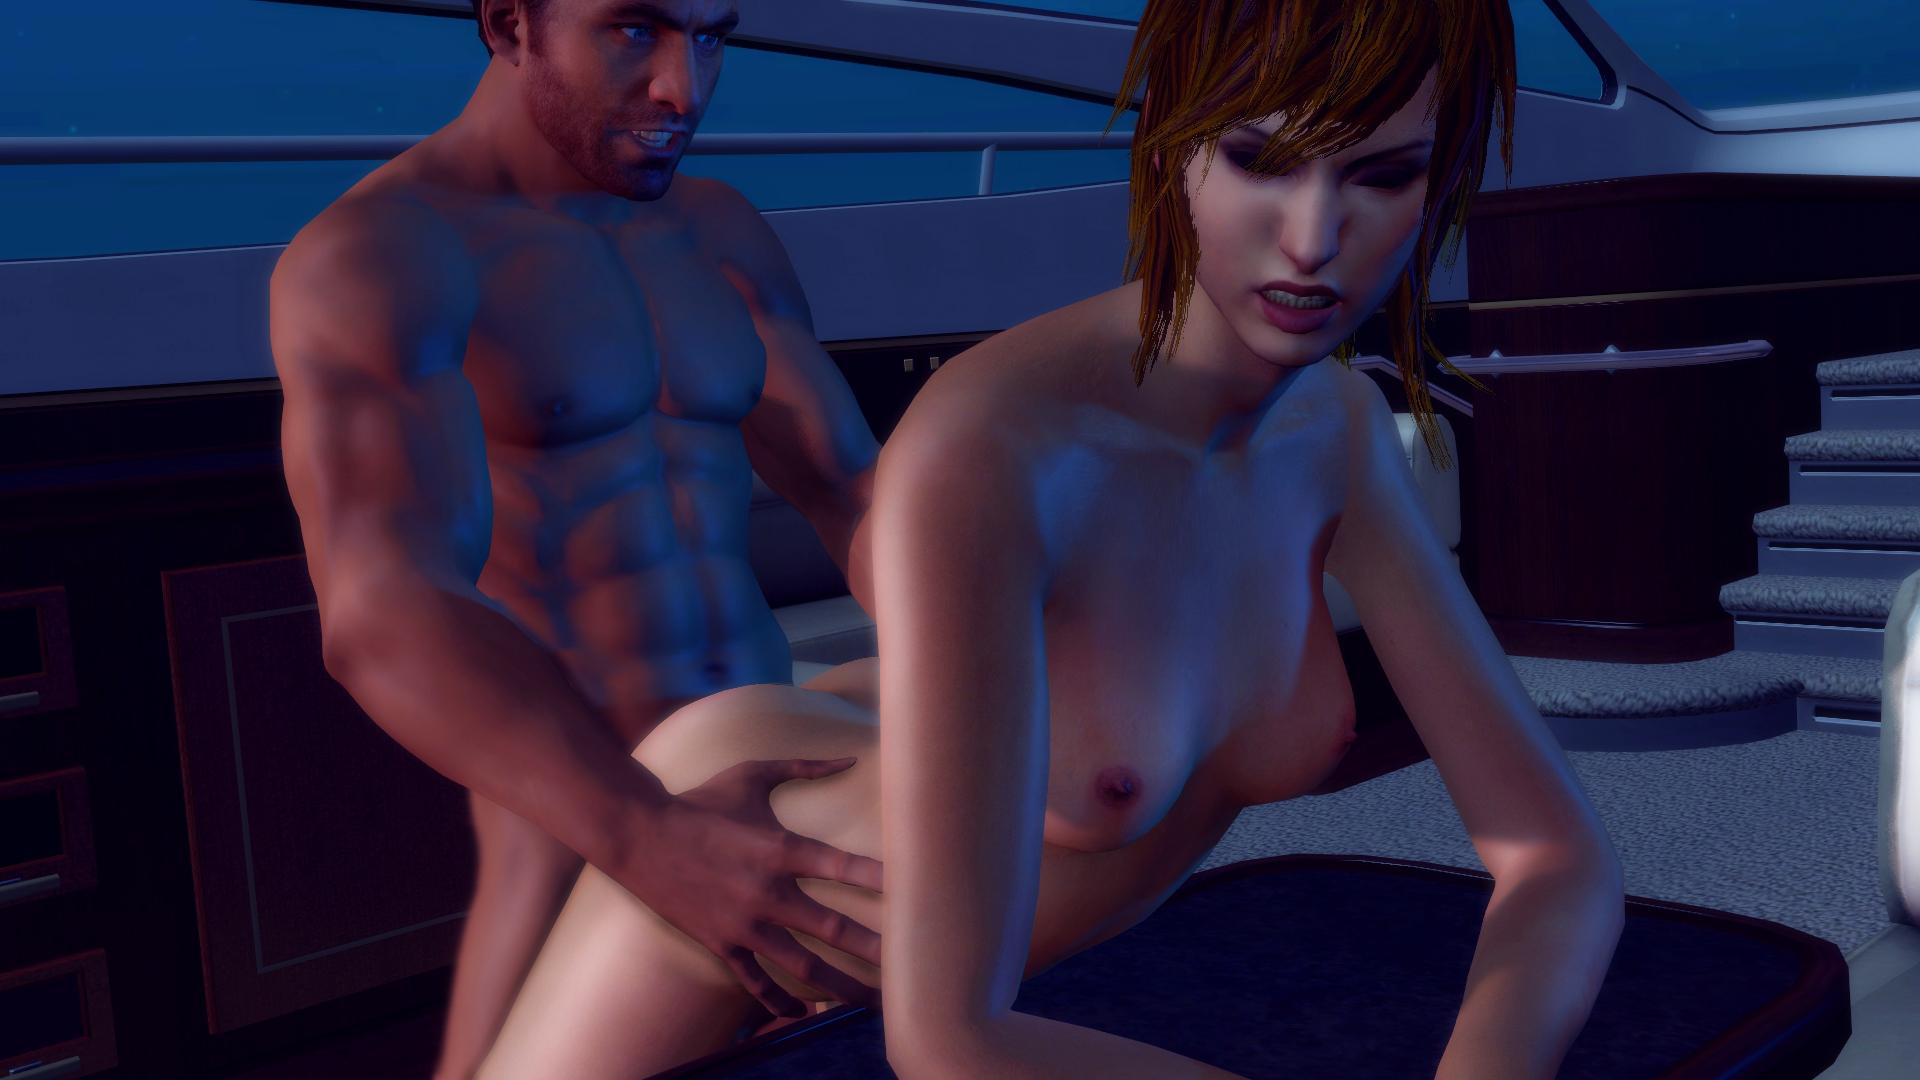 Zoey nude download garrys mod nsfw galleries